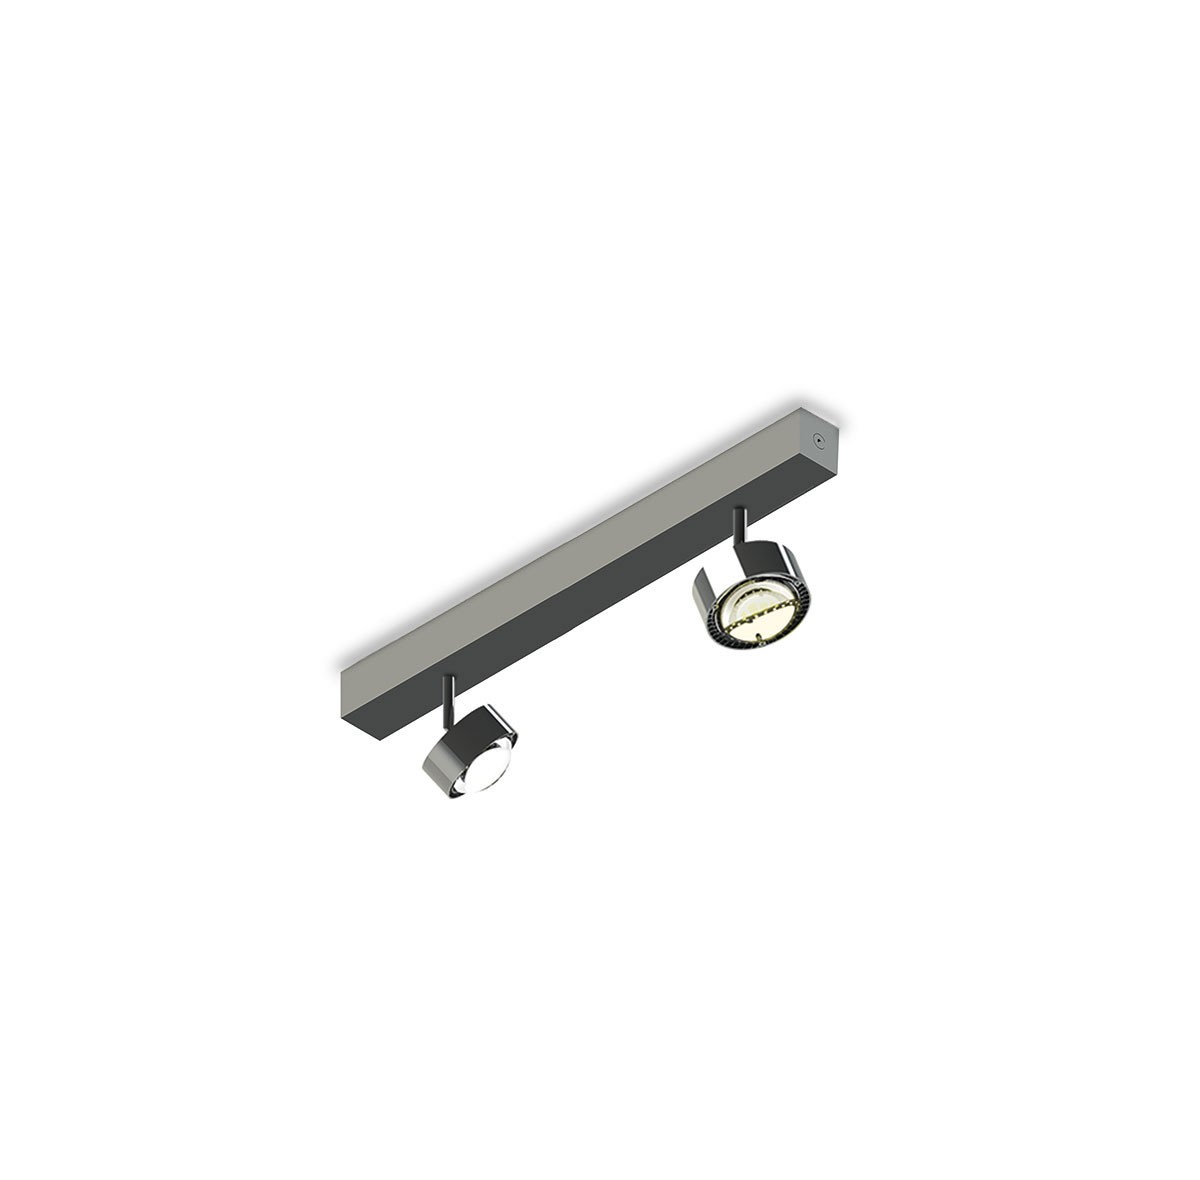 Top Light Puk Choice Turn Deckenleuchte, 35 cm, Chrom, mit Linsen klar